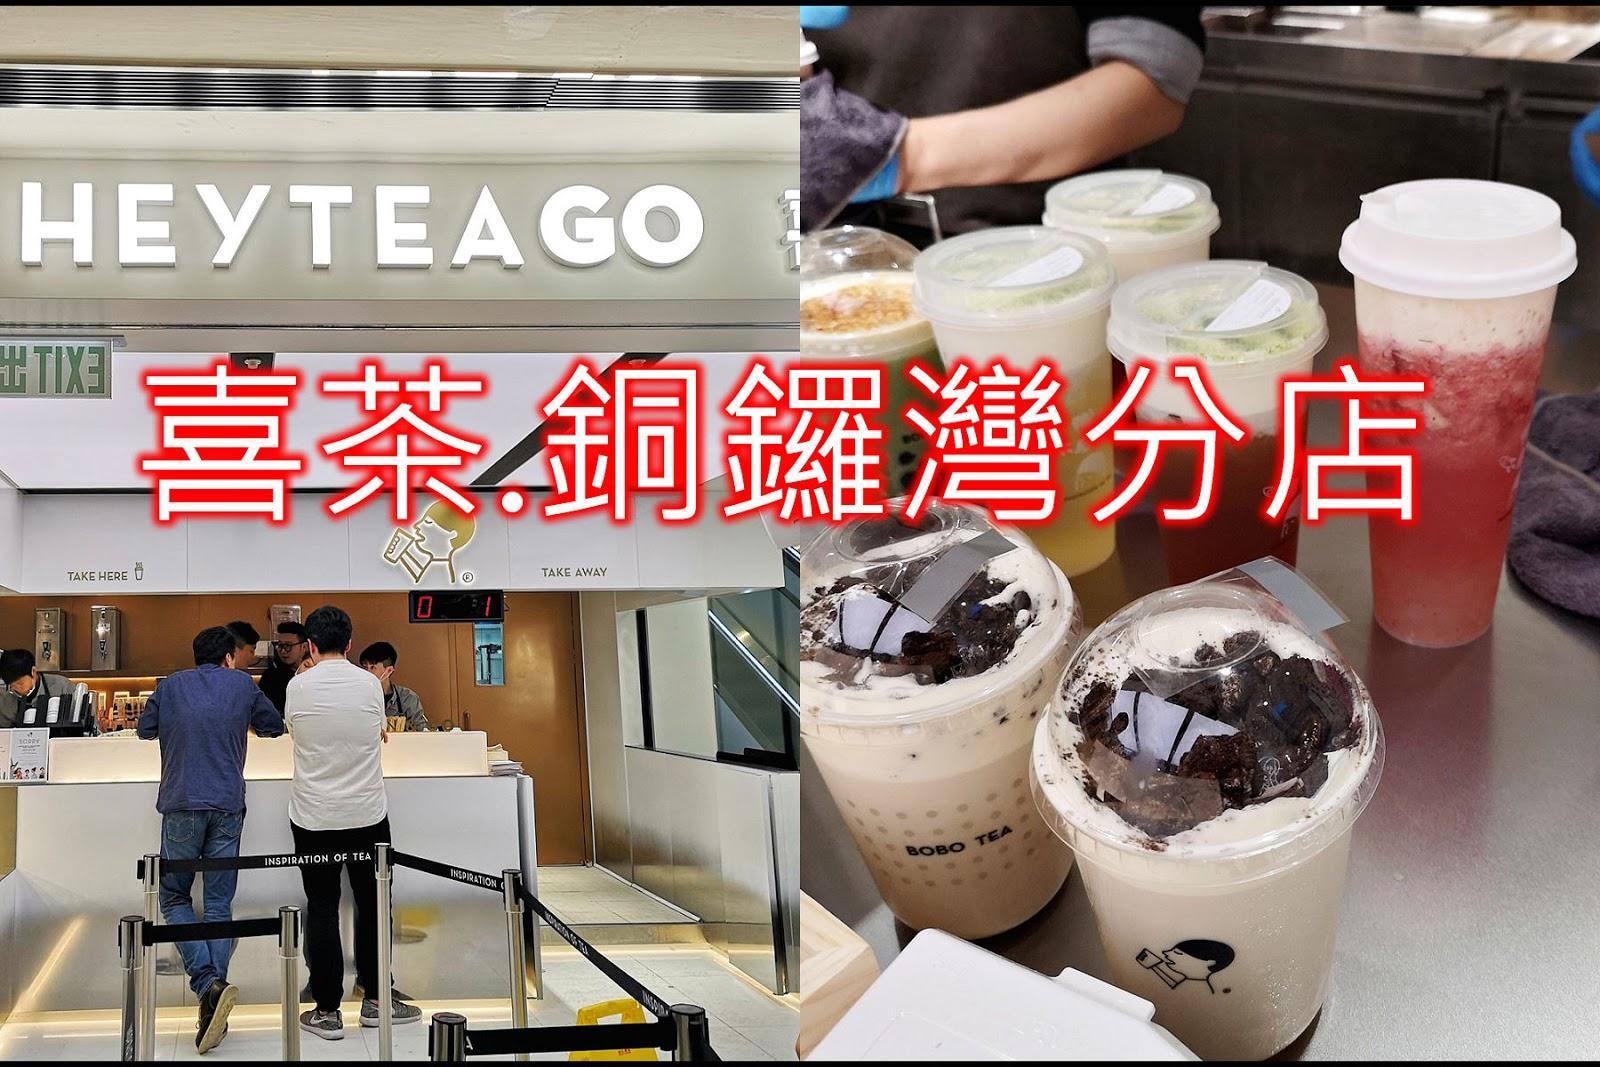 香港 喜茶 智慧型店 HEYTEA GO 銅鑼灣 時代廣場 分店 地址 B2層B216號鋪 推介 莓莓芒芒 MENU 沙田 - - SeeWide